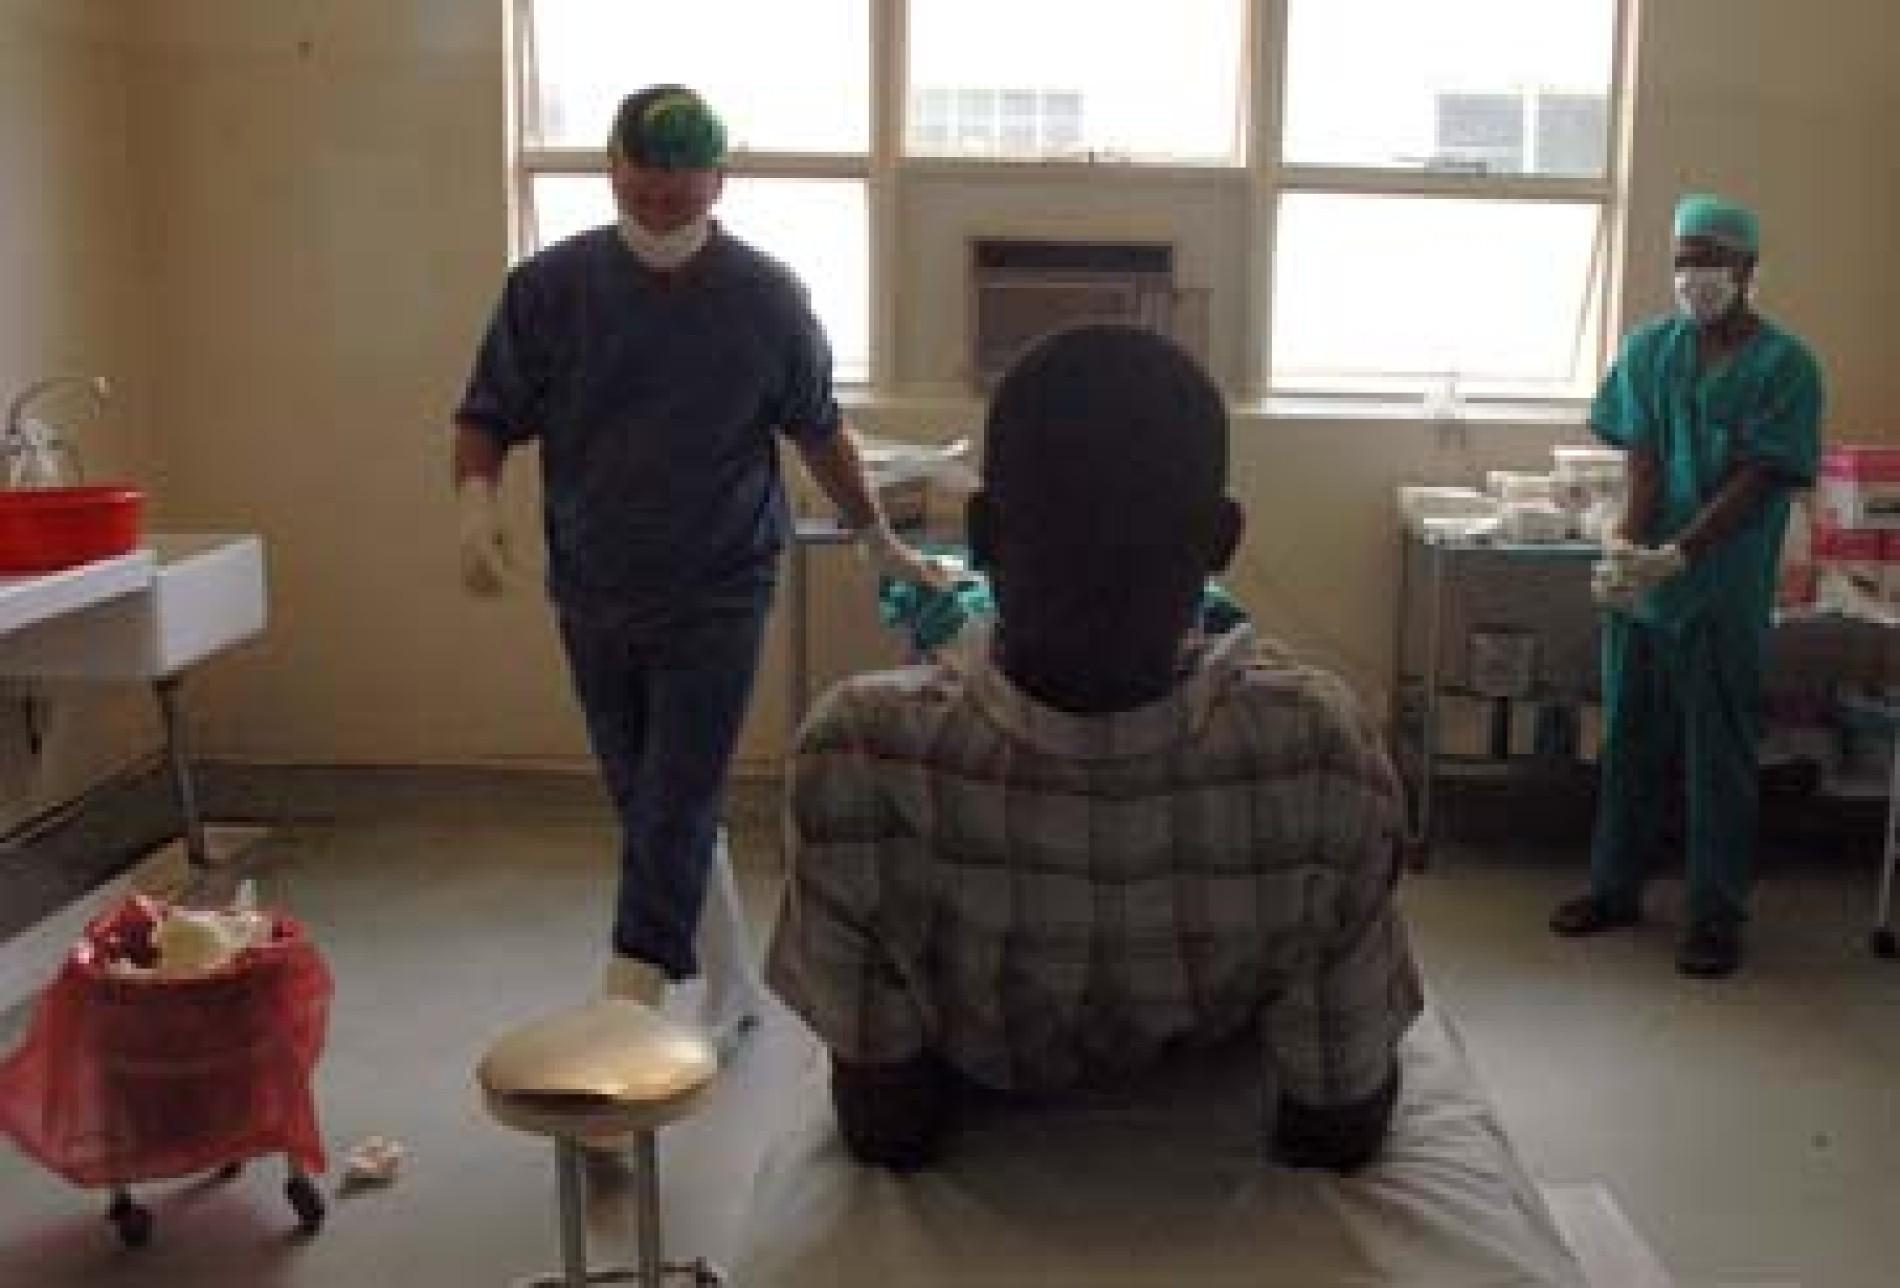 Mann beschneidung erwachsener Phimose